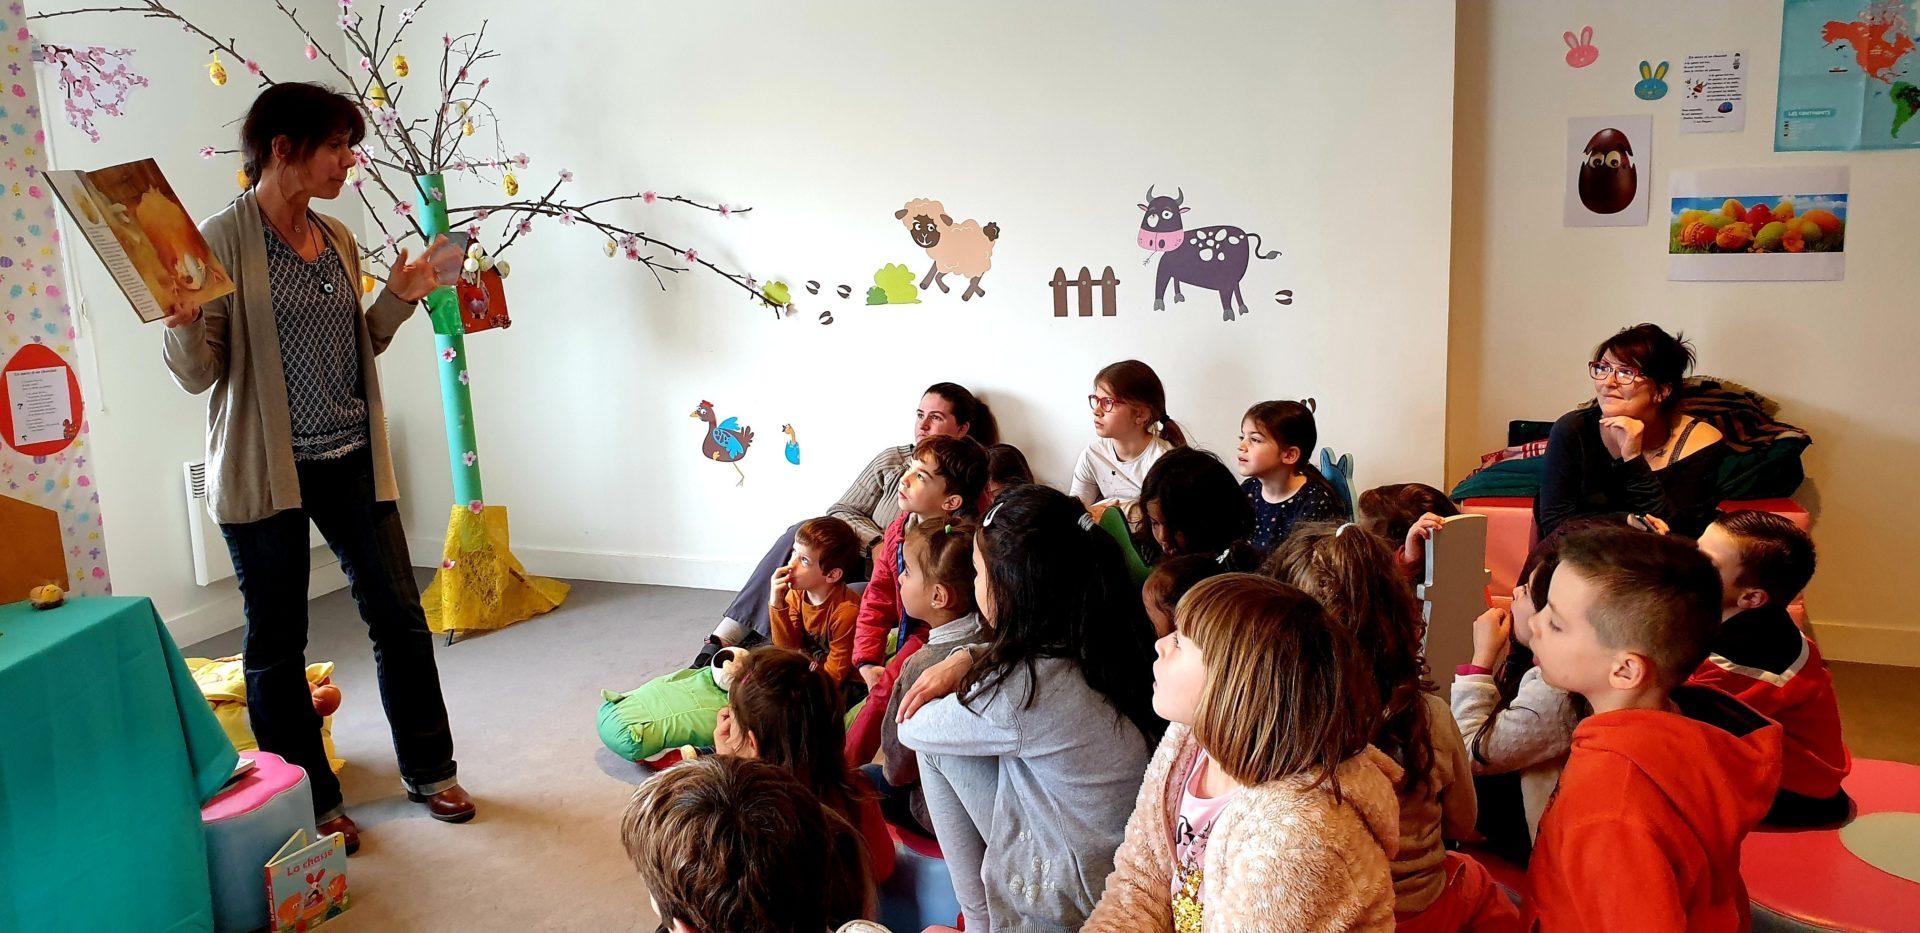 Contes d'été et atelier créatif « fabriquons des cerfs-volants »,  à la médiathèque Le Corbusier